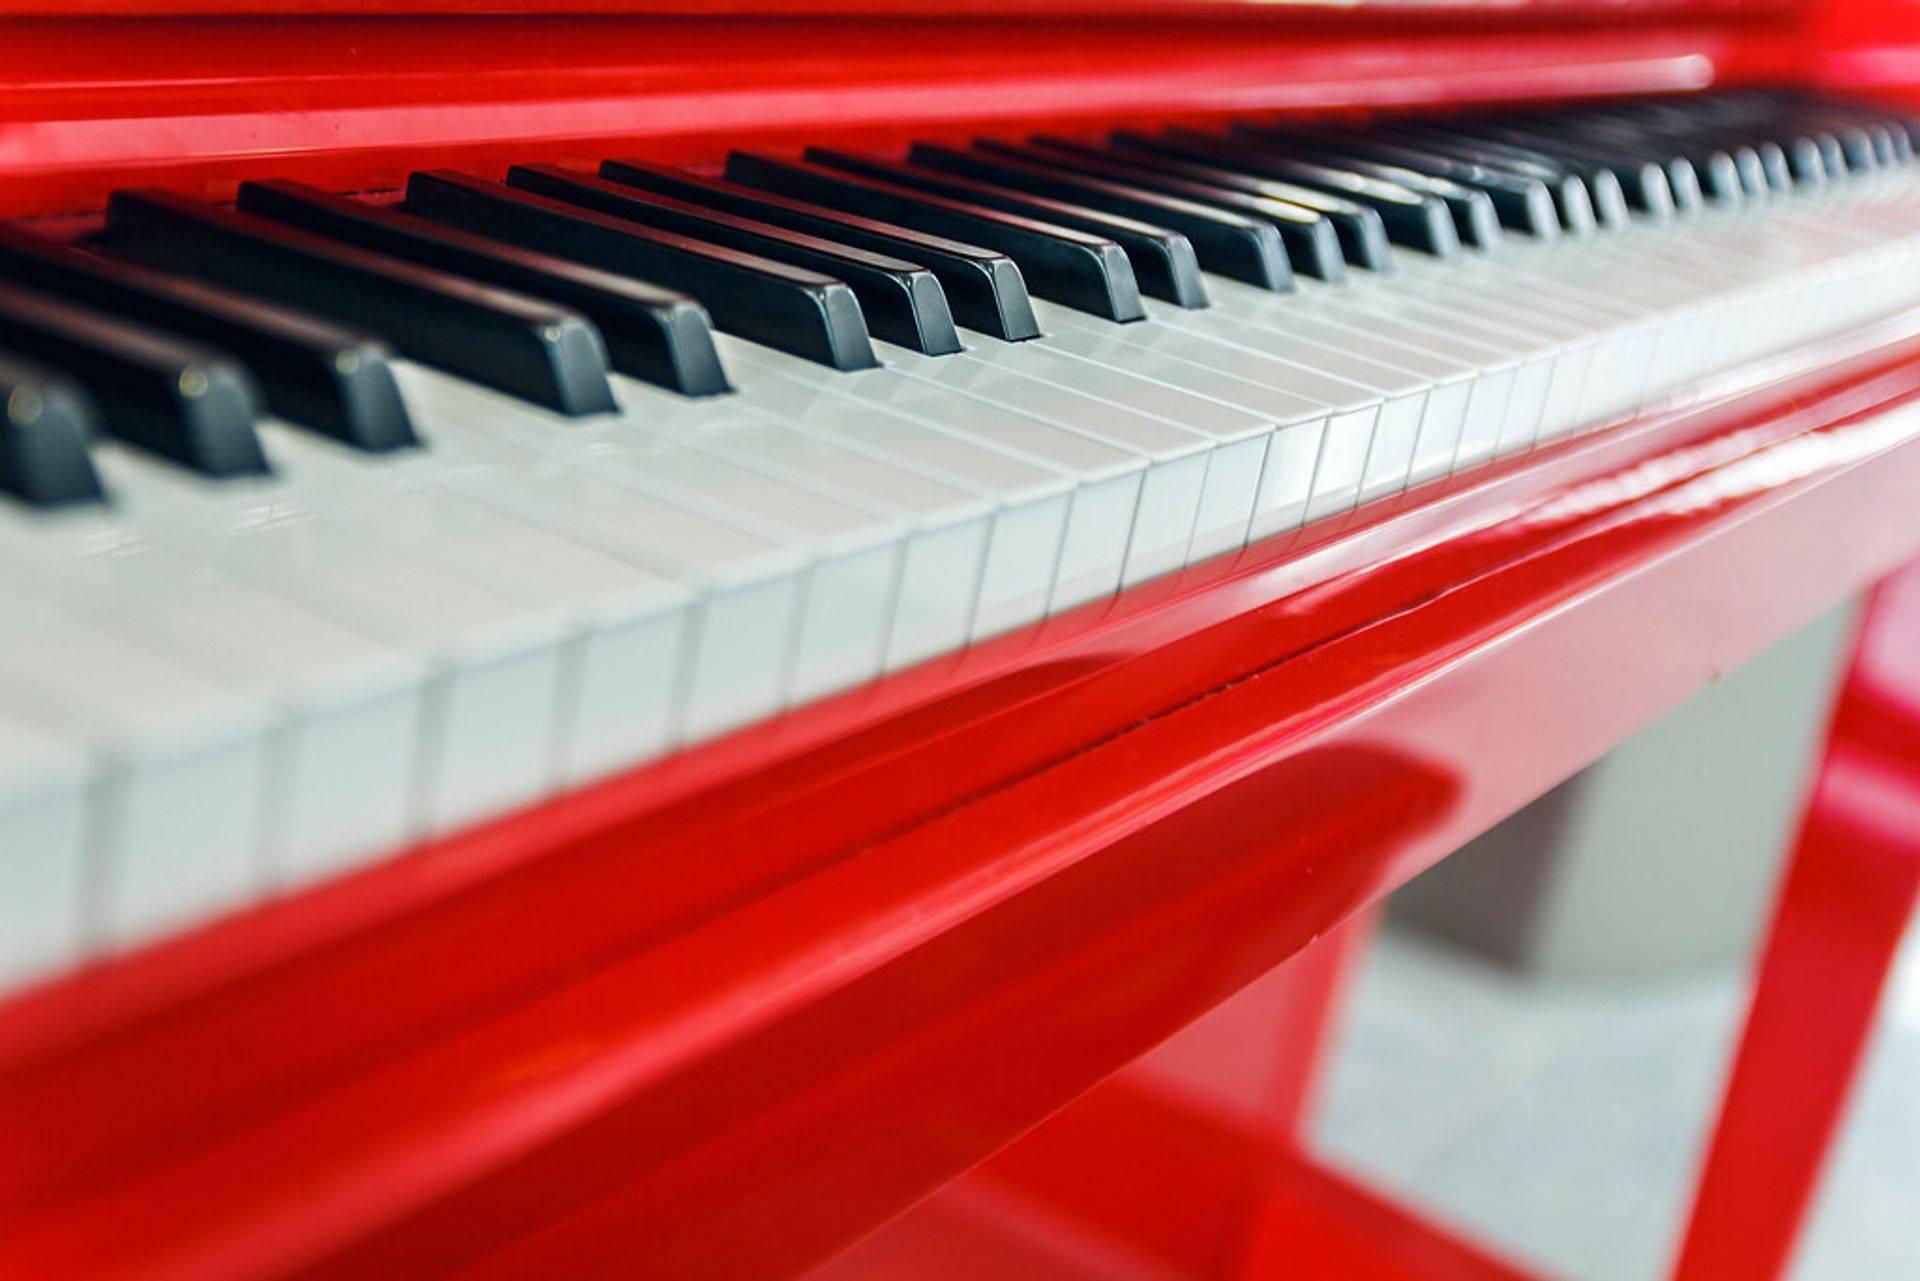 Klavierstimmung, Klavierverkauf